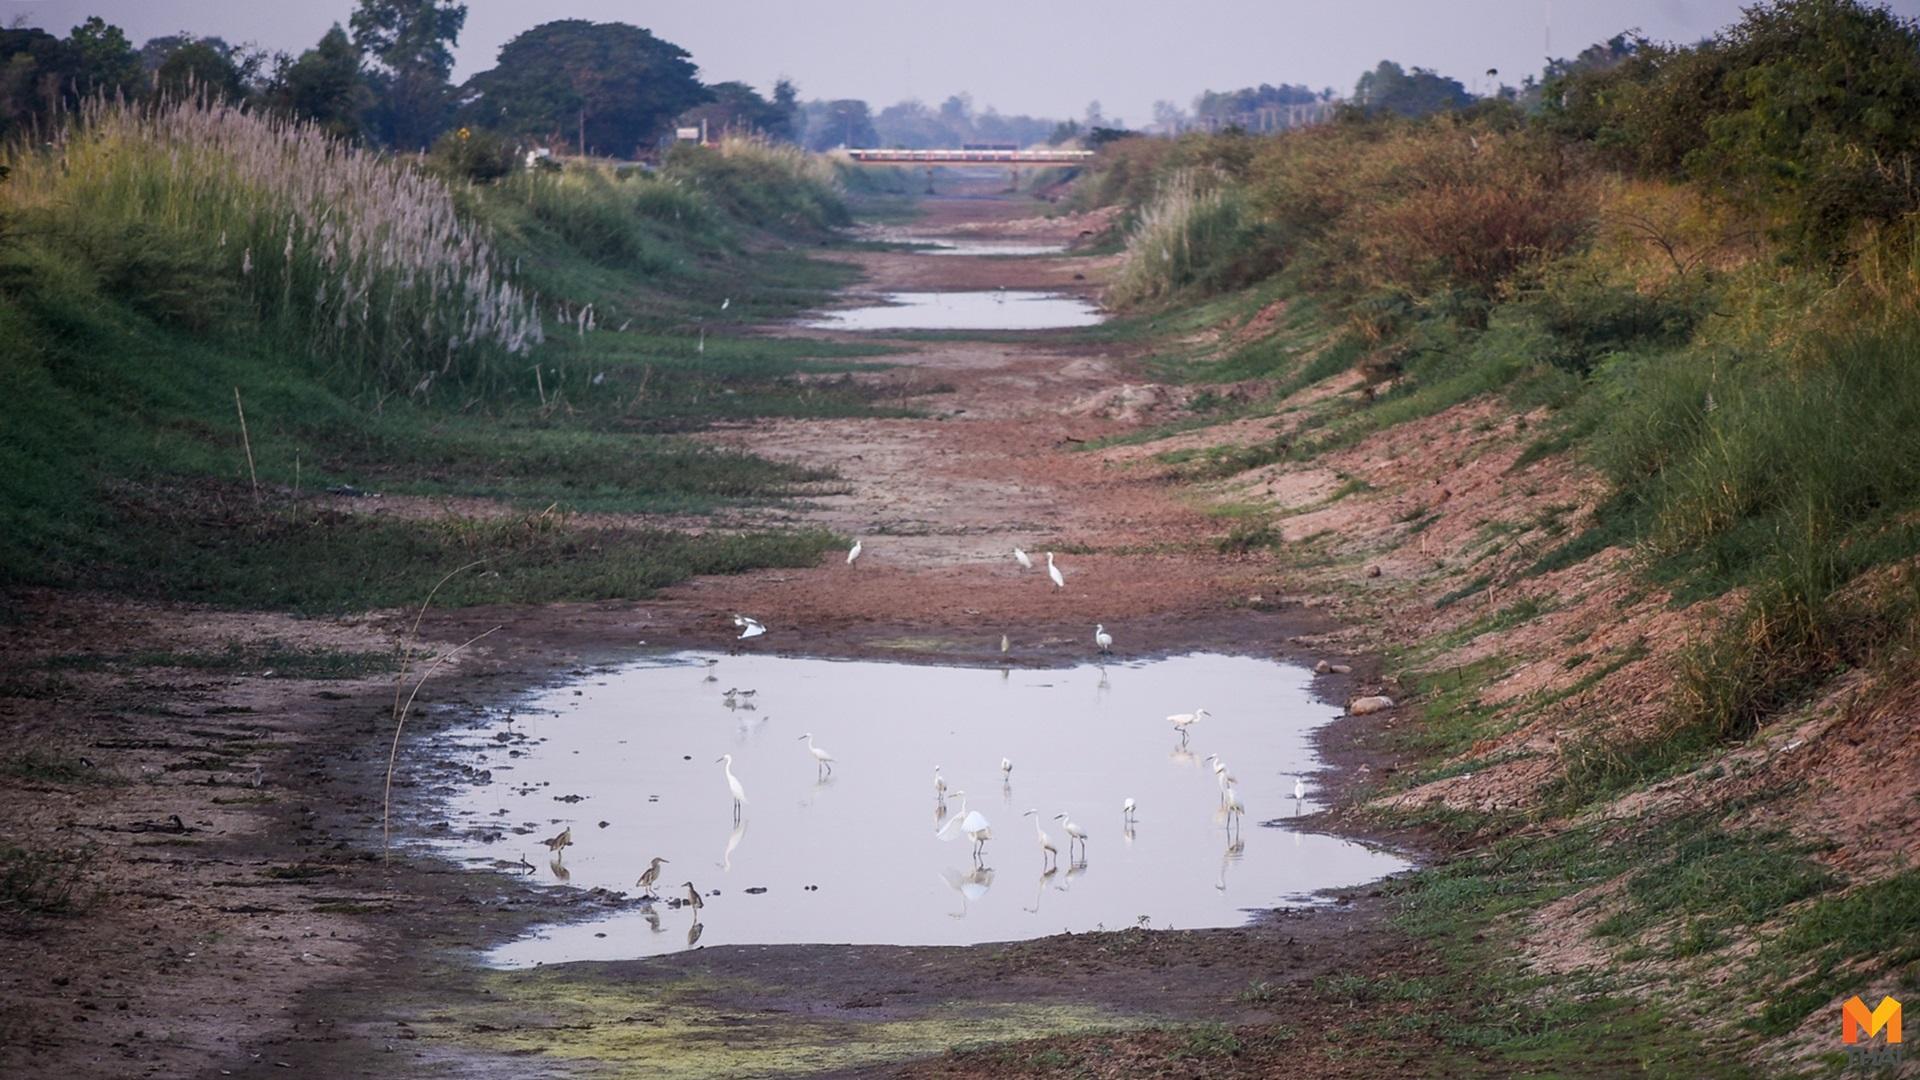 คลองมะขามเฒ่า น้ำแห้งขอด ภัยแล้ง